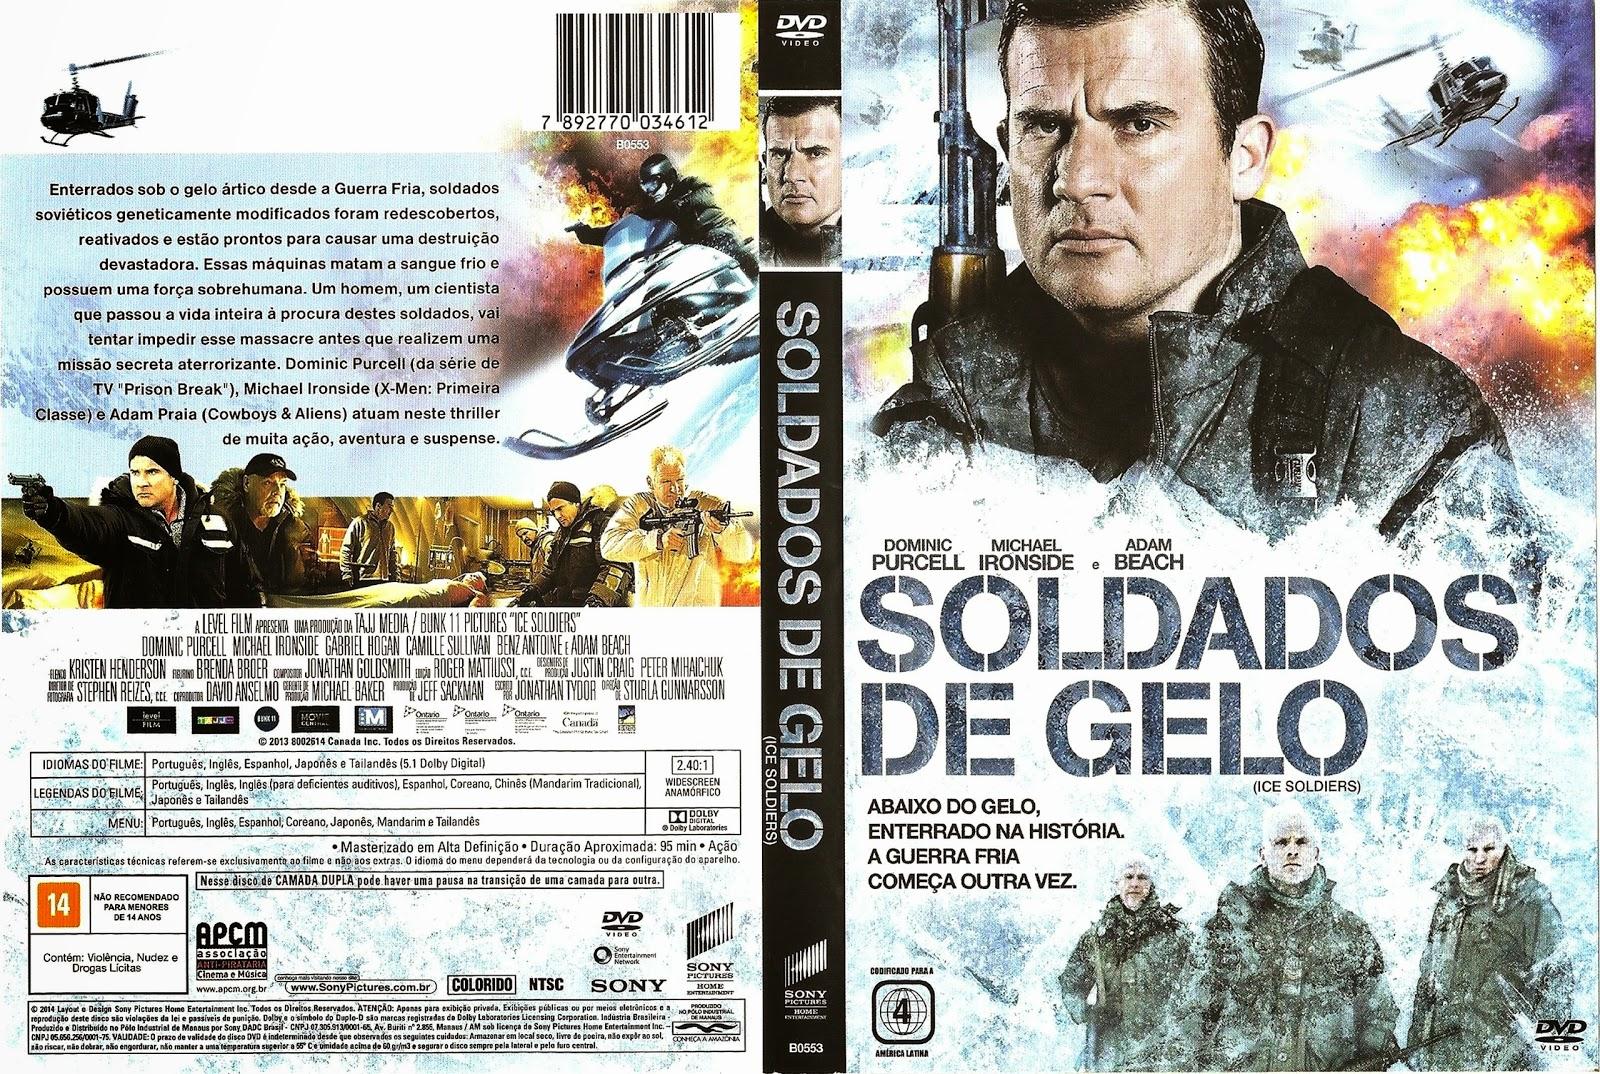 Capa DVD Soldados De Gelo